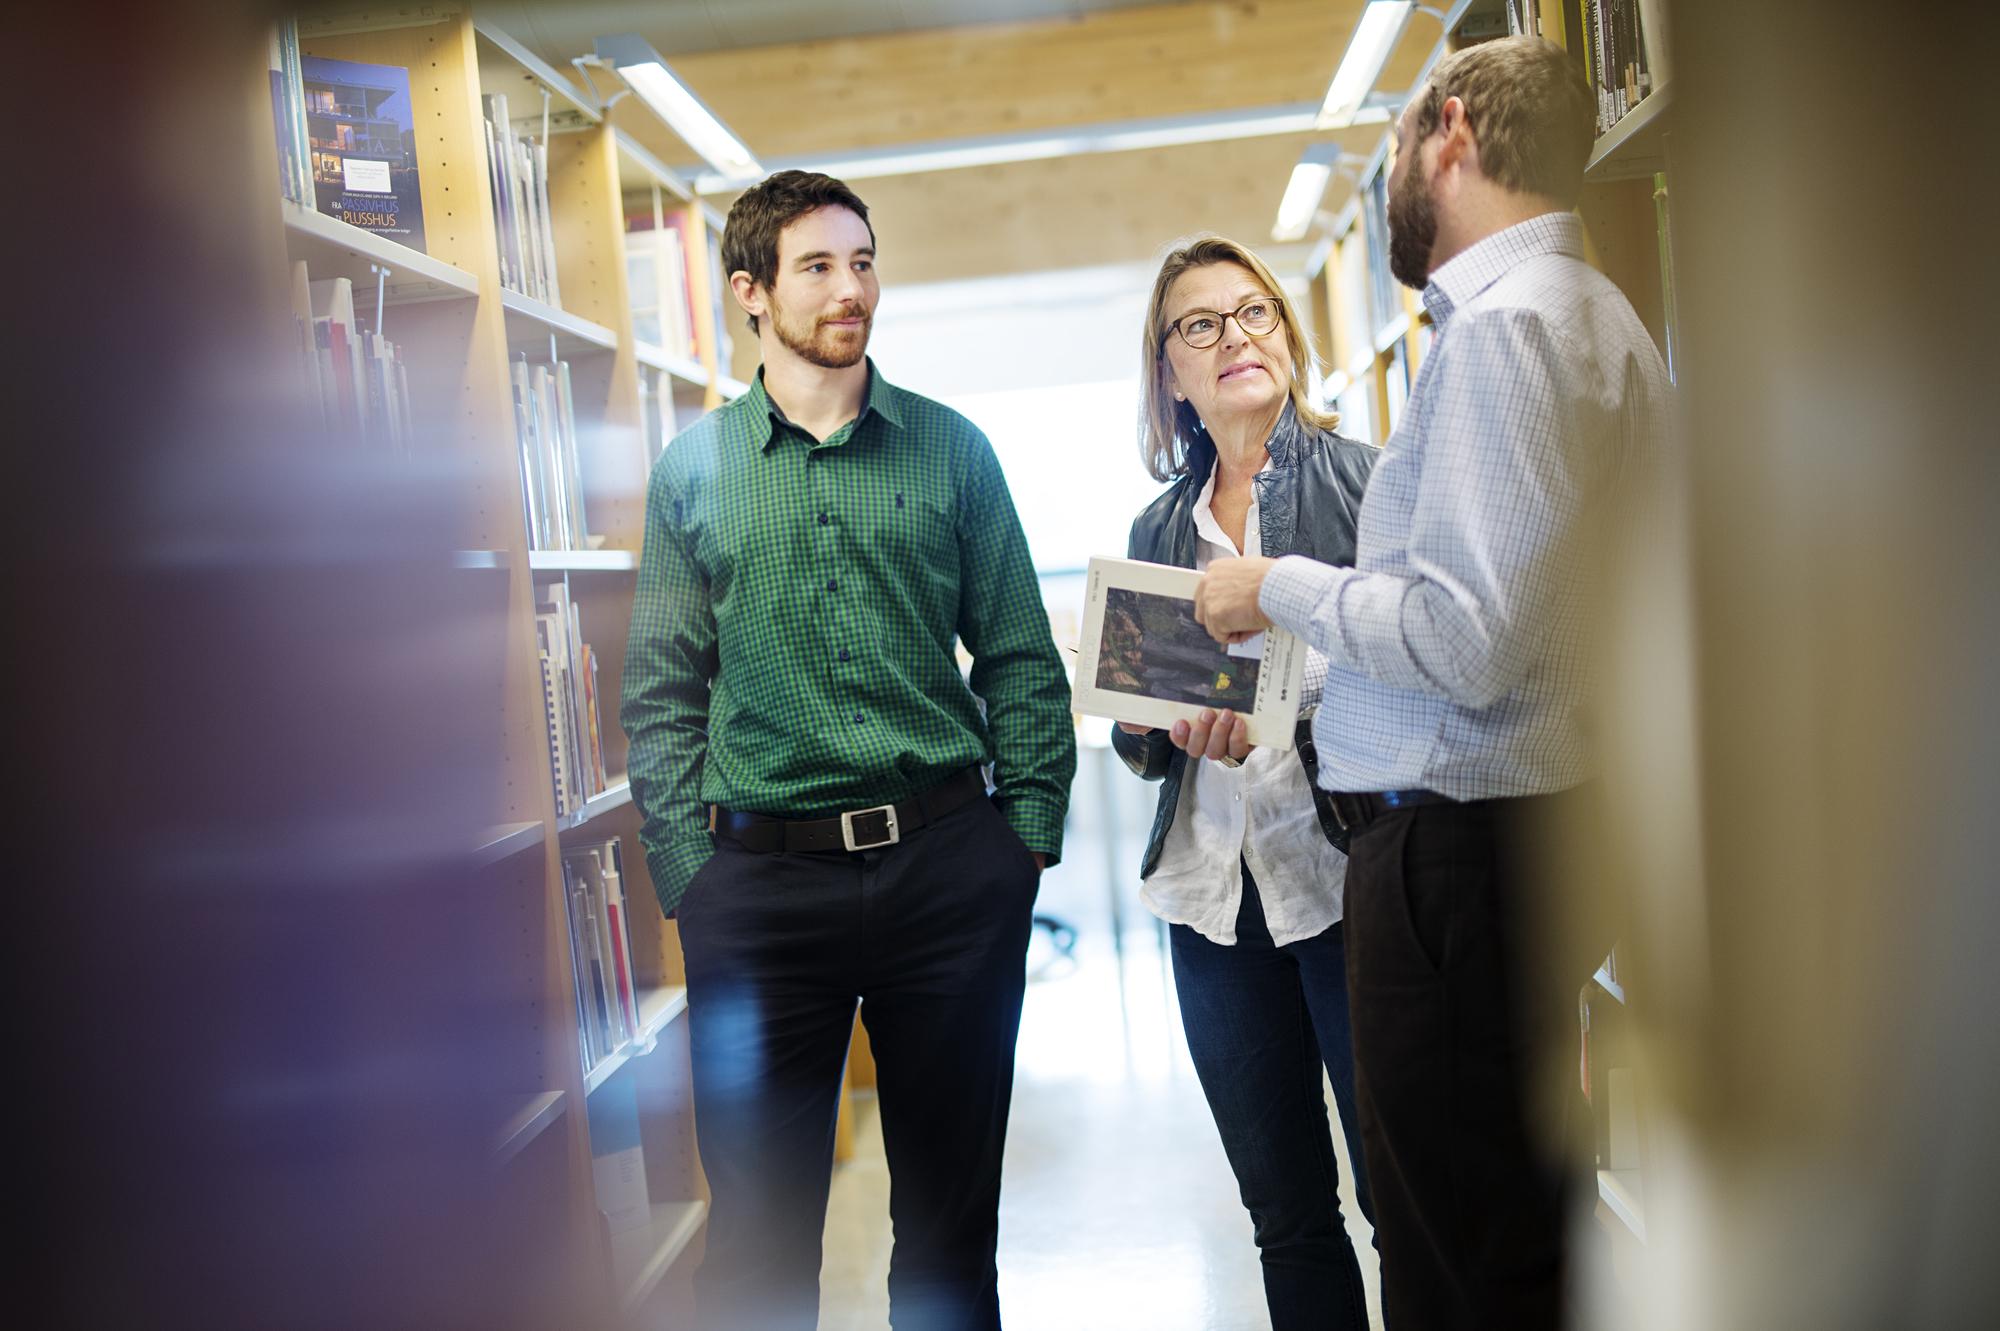 Tre kolleger i samtale mellom bokhyller